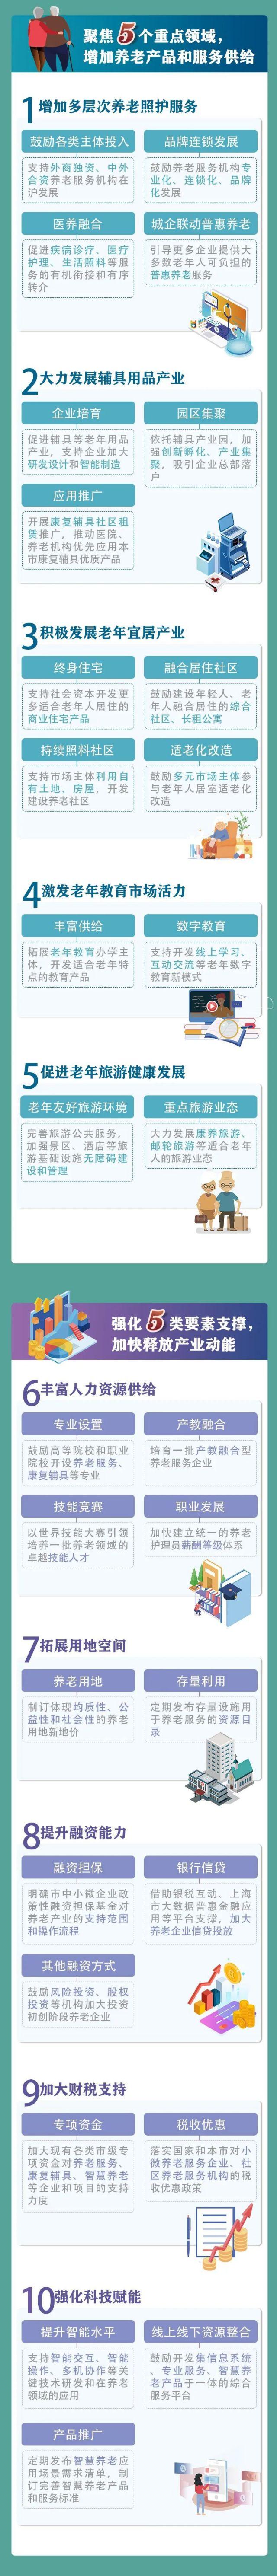 新葡新京出台养老产业20条政策举措 一图读懂